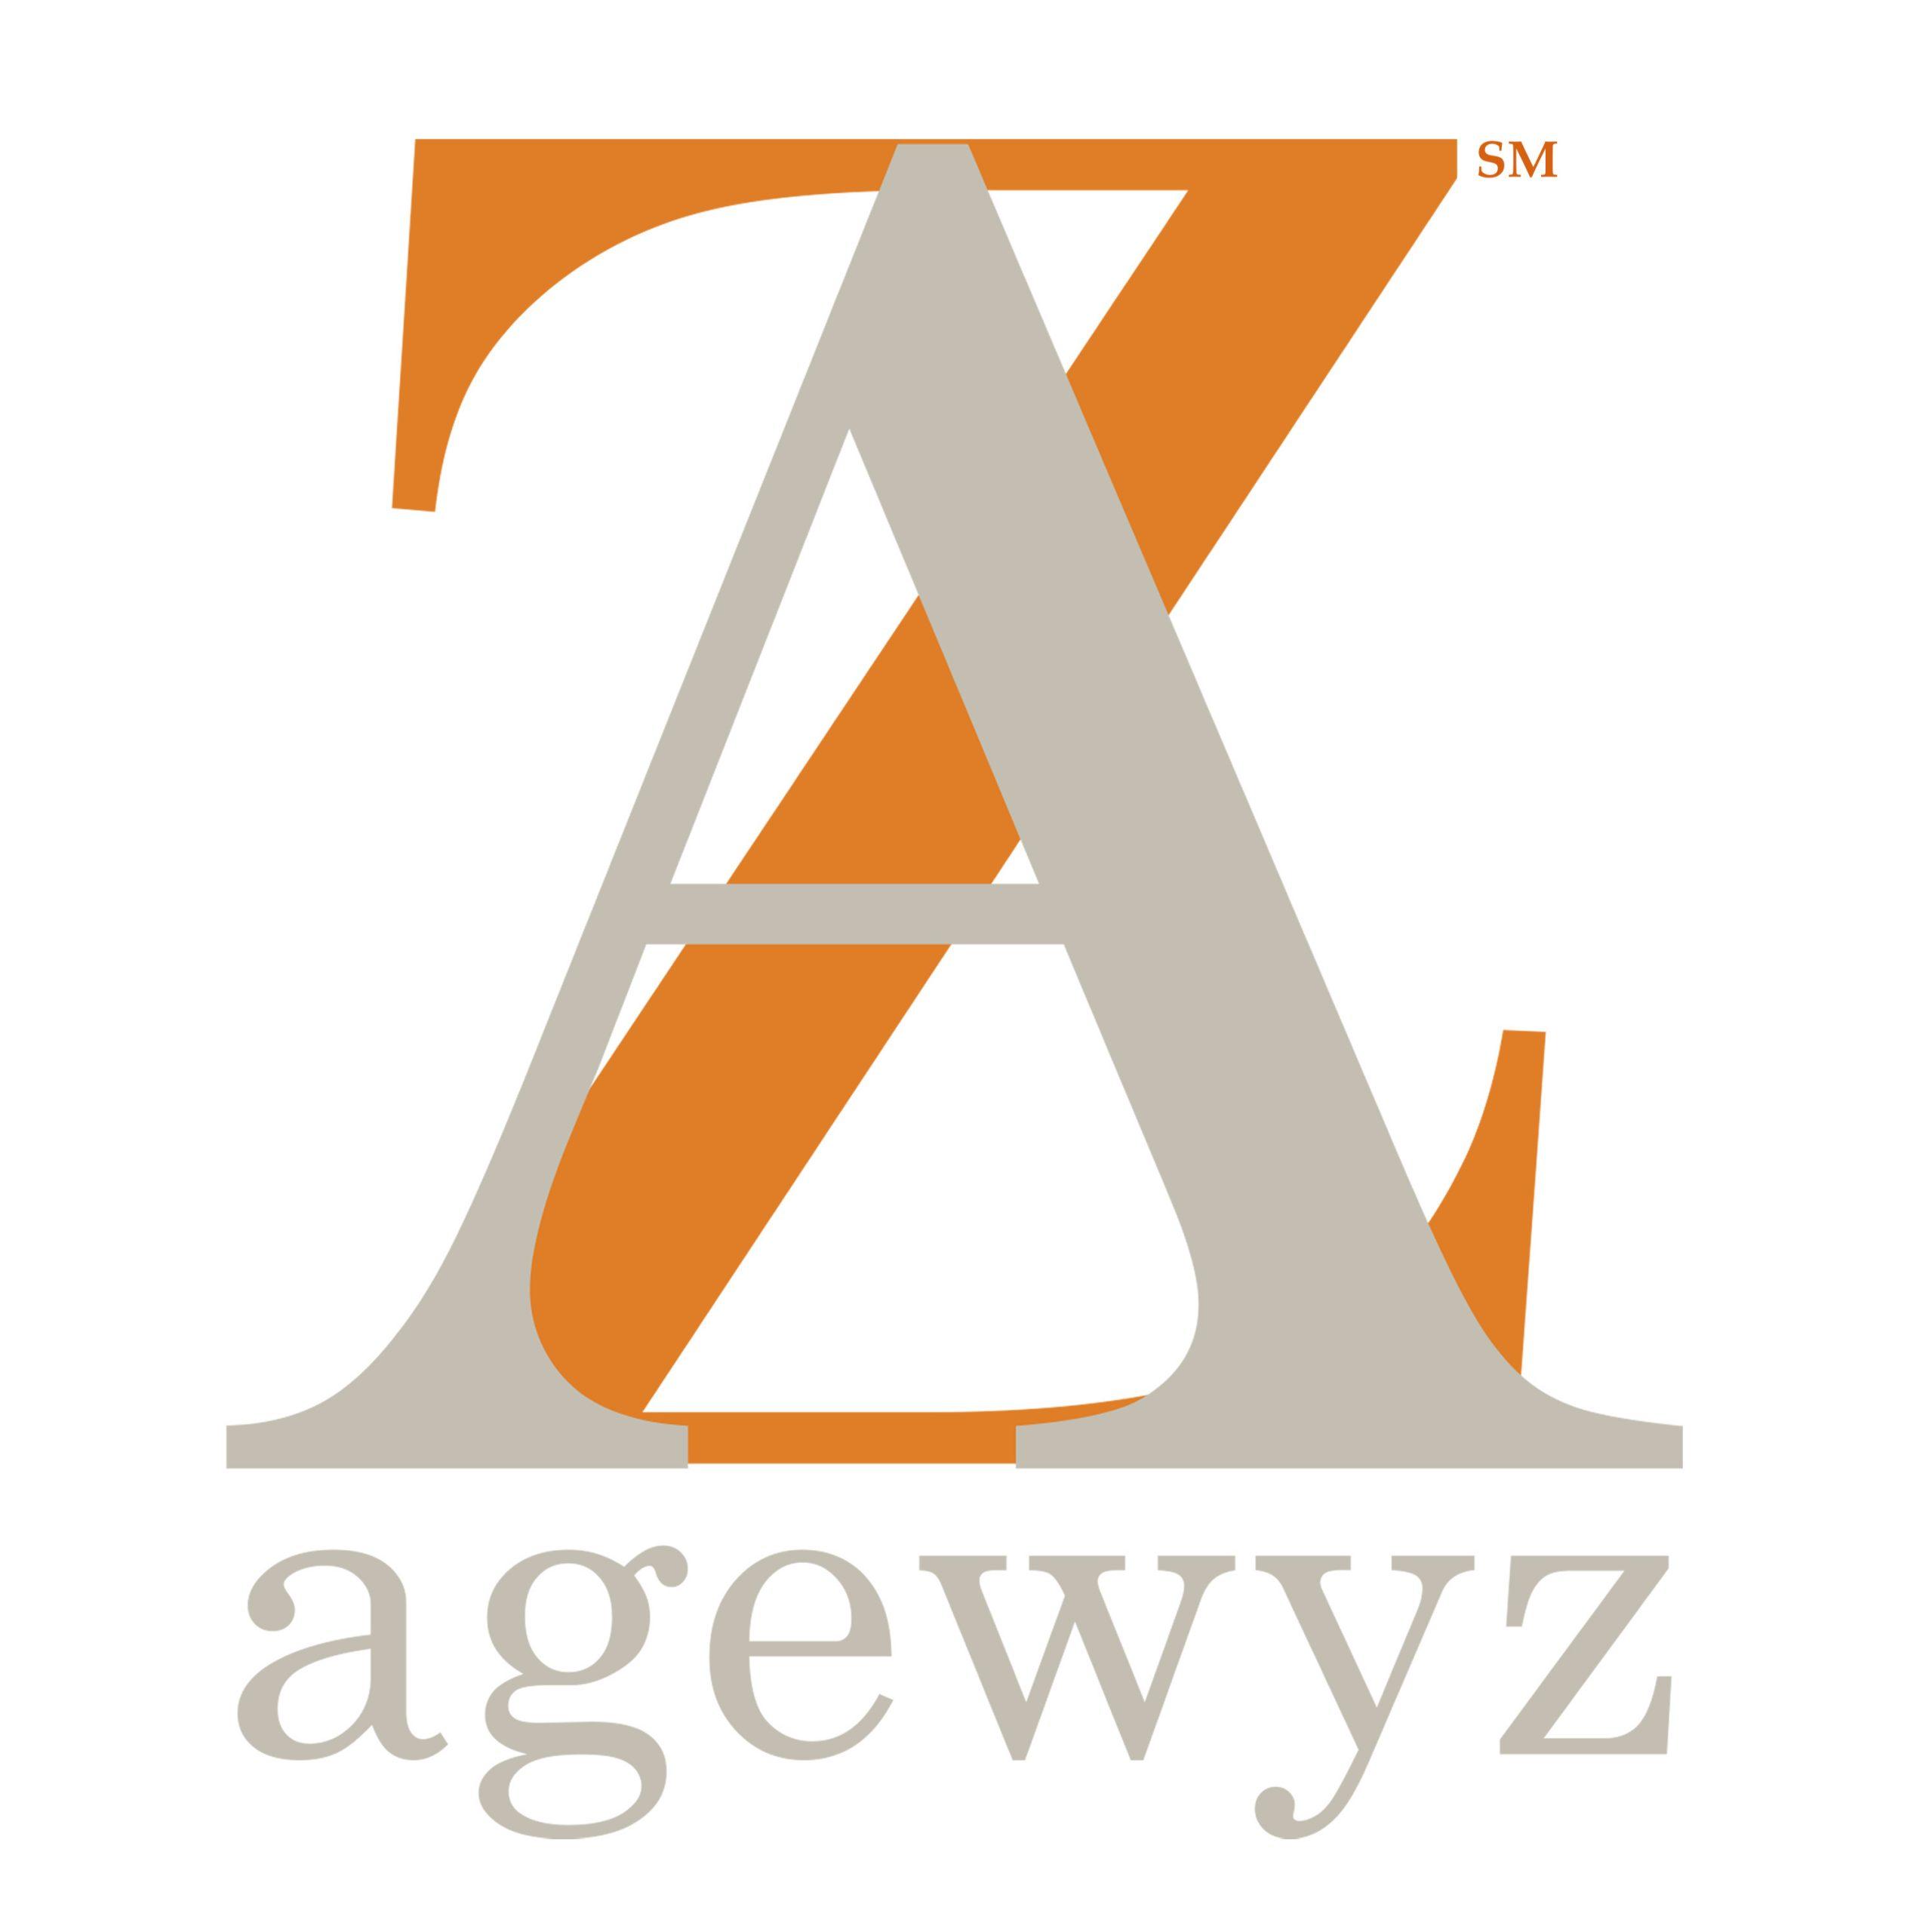 agewyz logo